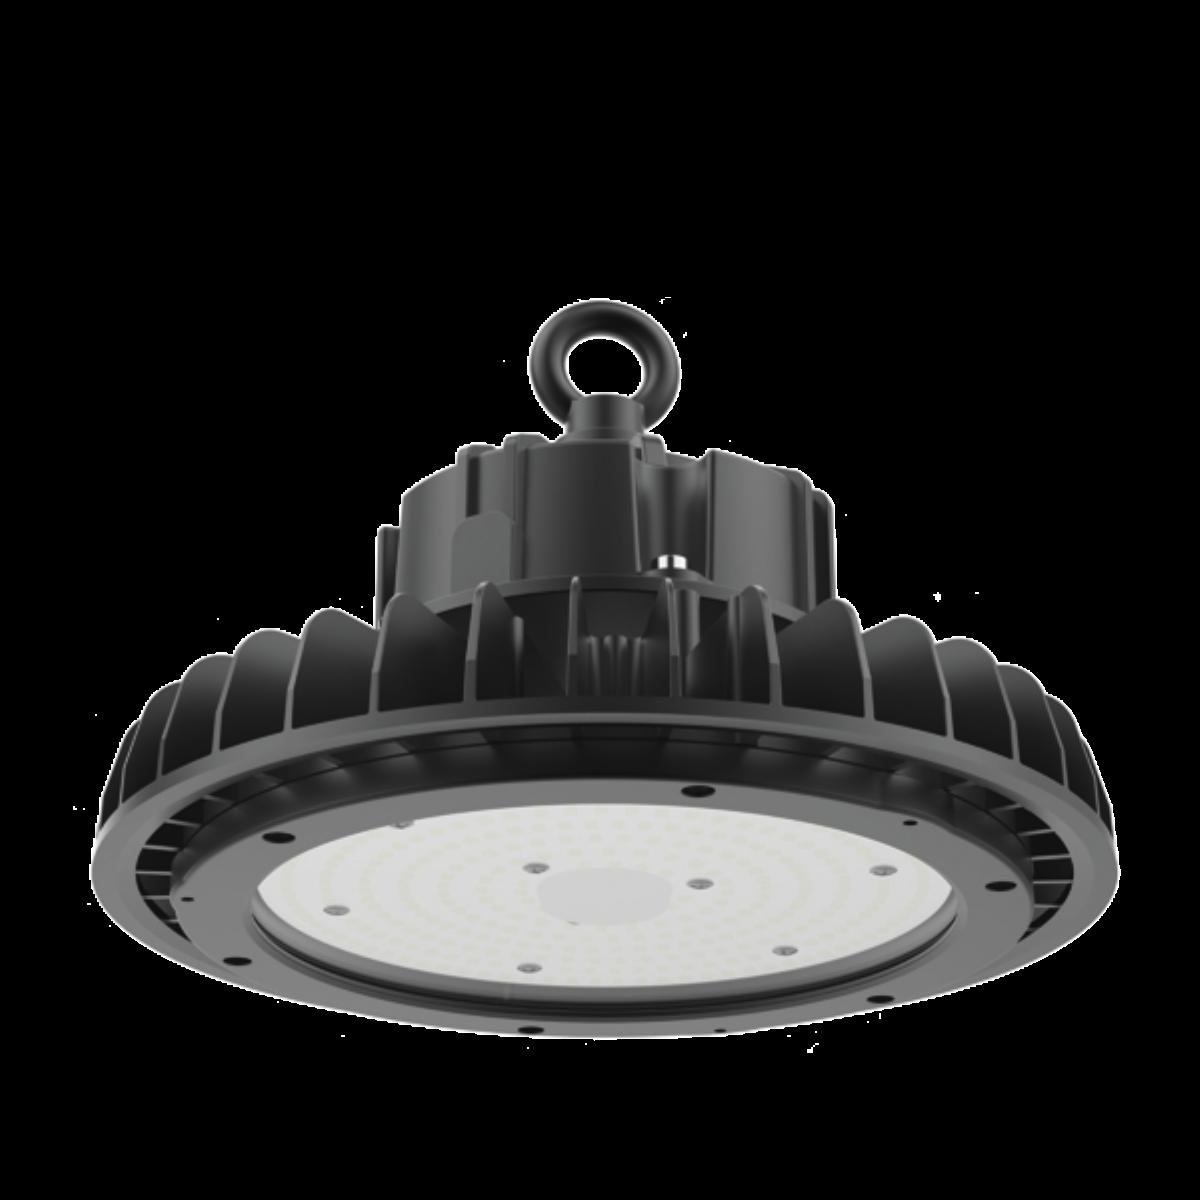 Oprawa przemysłowa LED ROCO 100W 60st 5700K